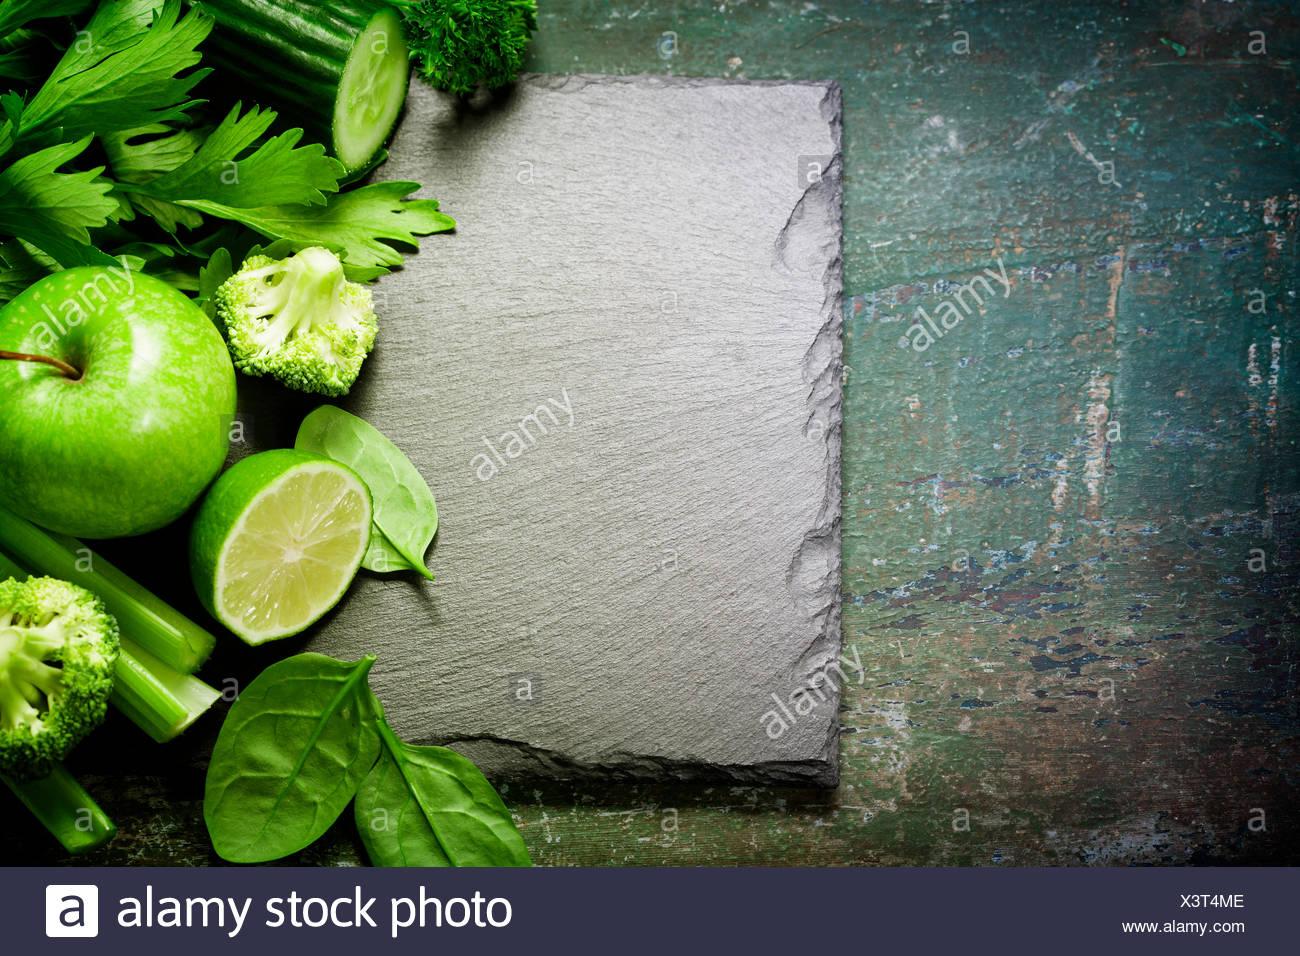 Frisches grünes Gemüse auf Vintage-Hintergrund - Entgiftung, Ernährung oder gesunde Ernährung Konzept Stockfoto